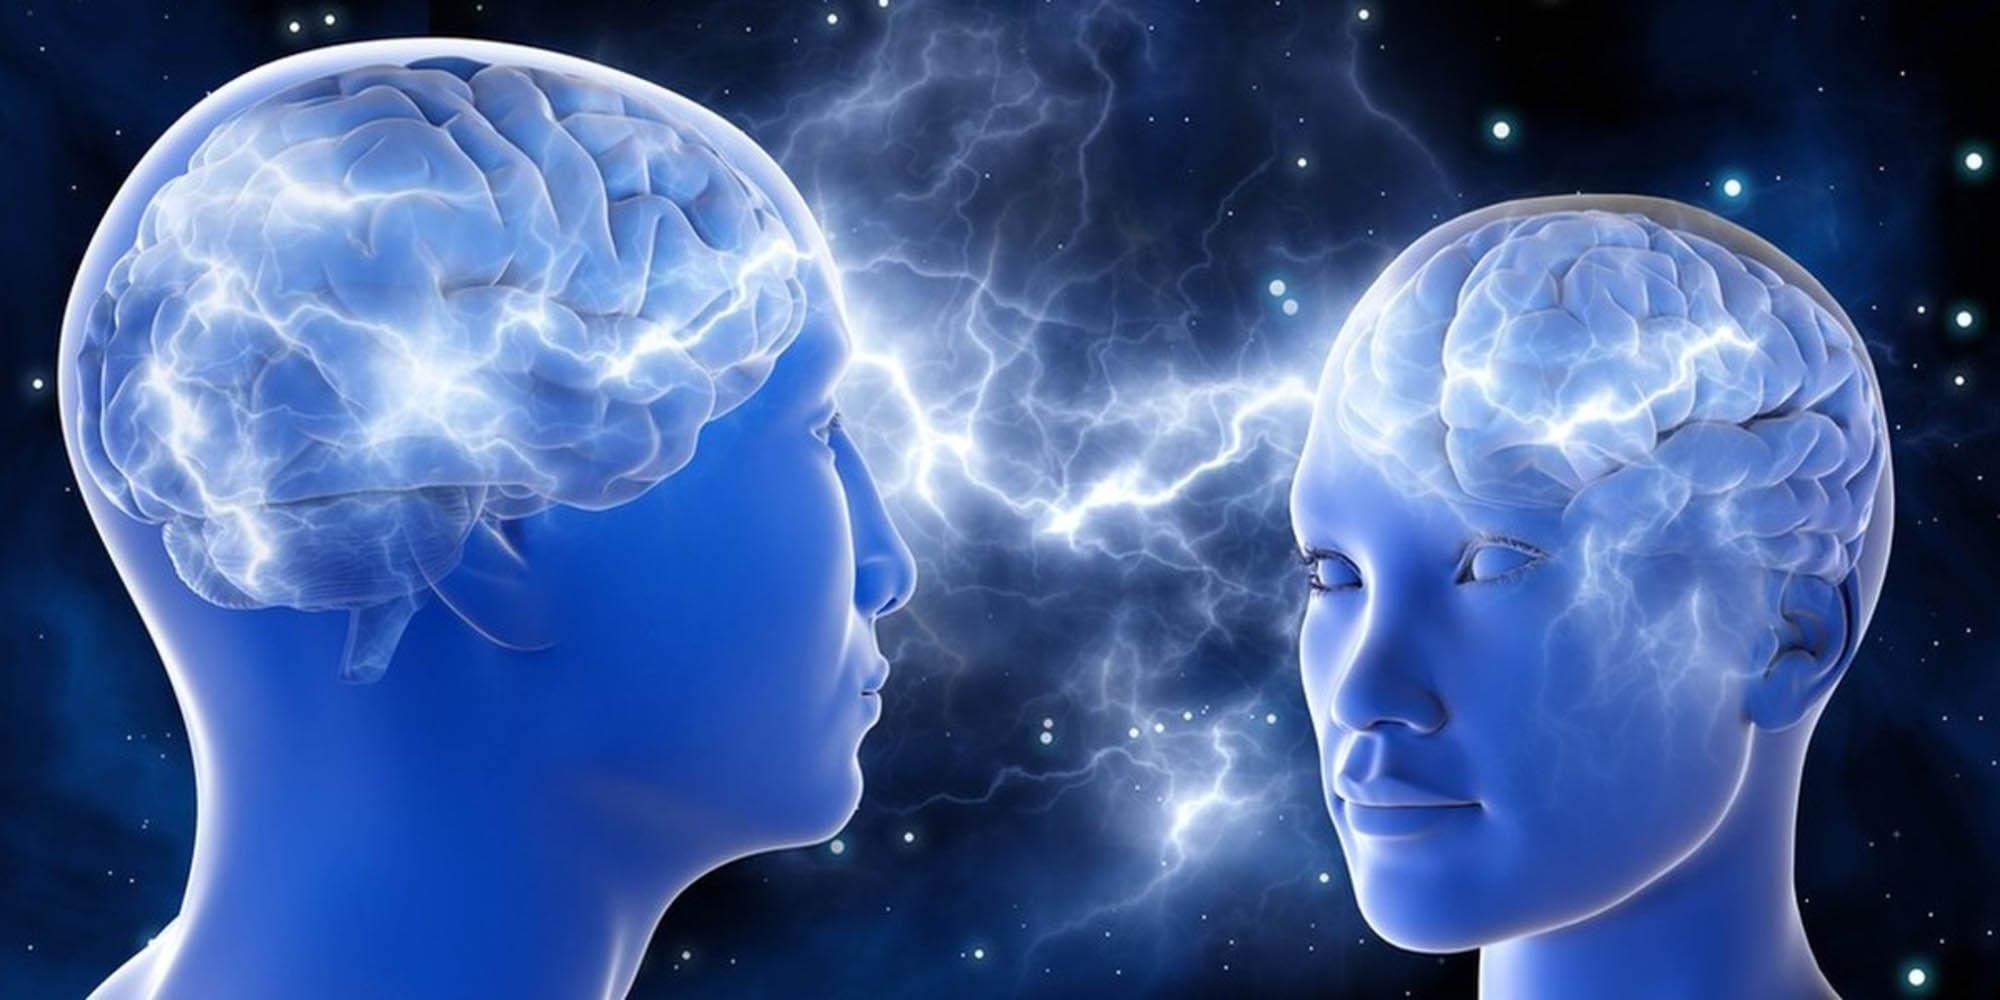 картинки про мысль и мозга этот